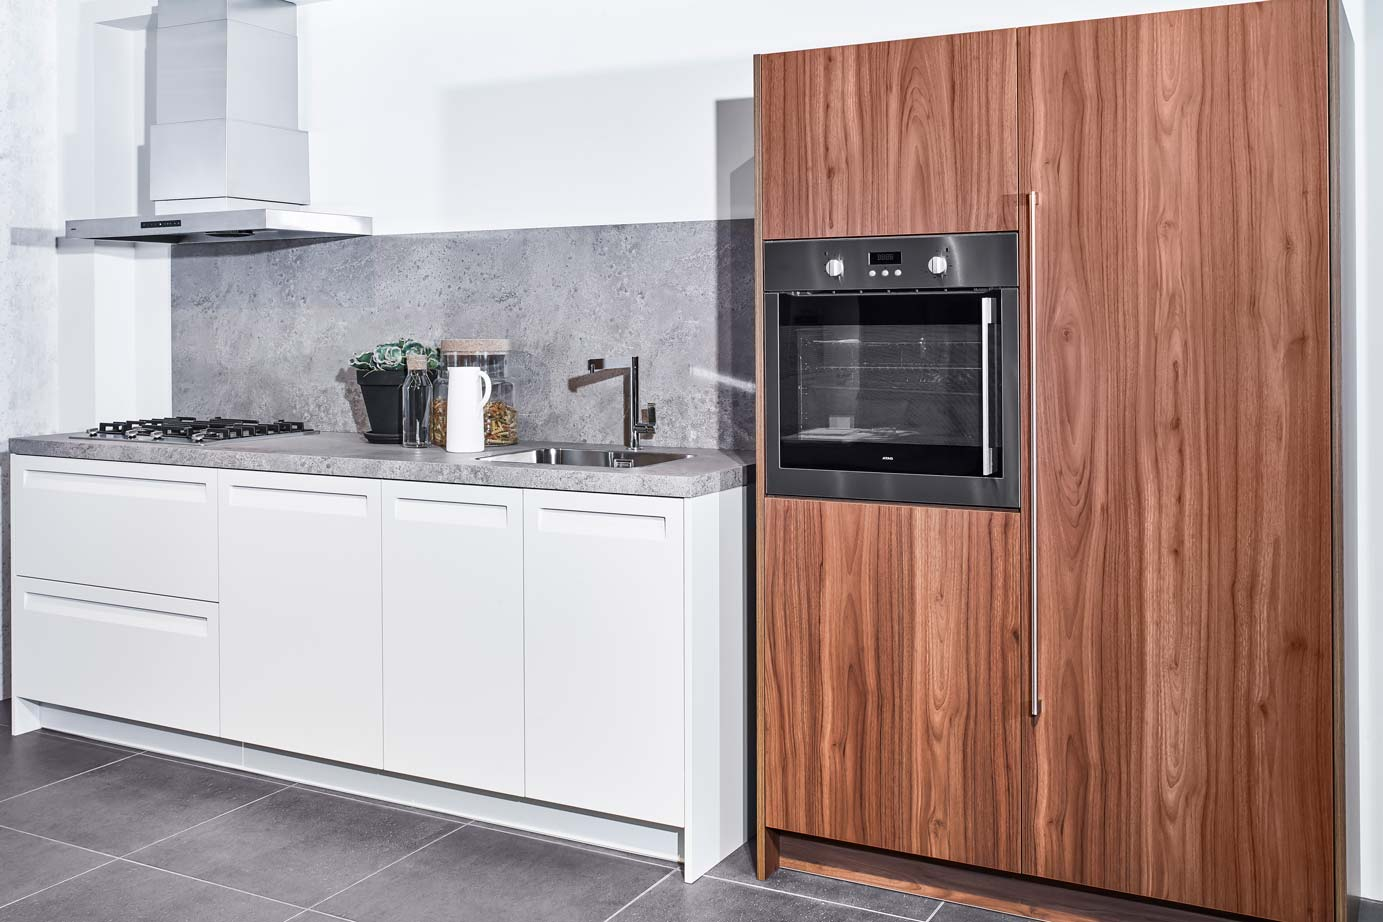 Keuken Wandkast 6 : Rechte keuken met kast bekijk alle foto s en prijzen online db